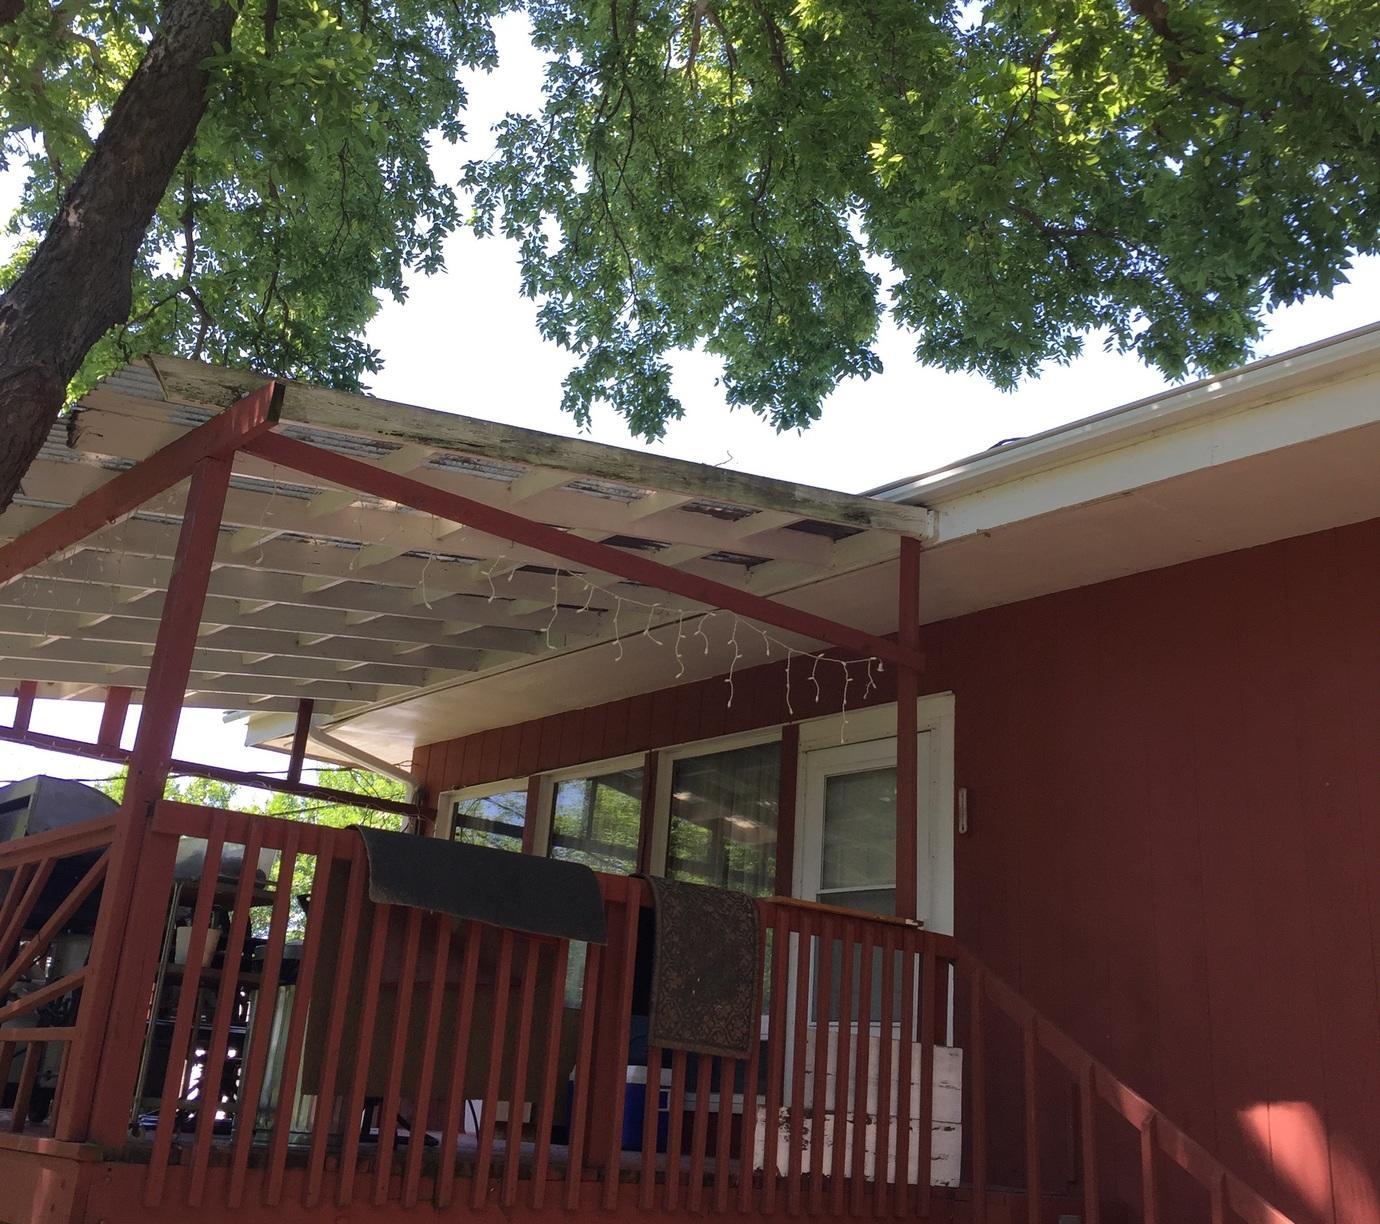 Installed LeafGuard Brand Gutter System Over Covered Deck - Bellevue, NE